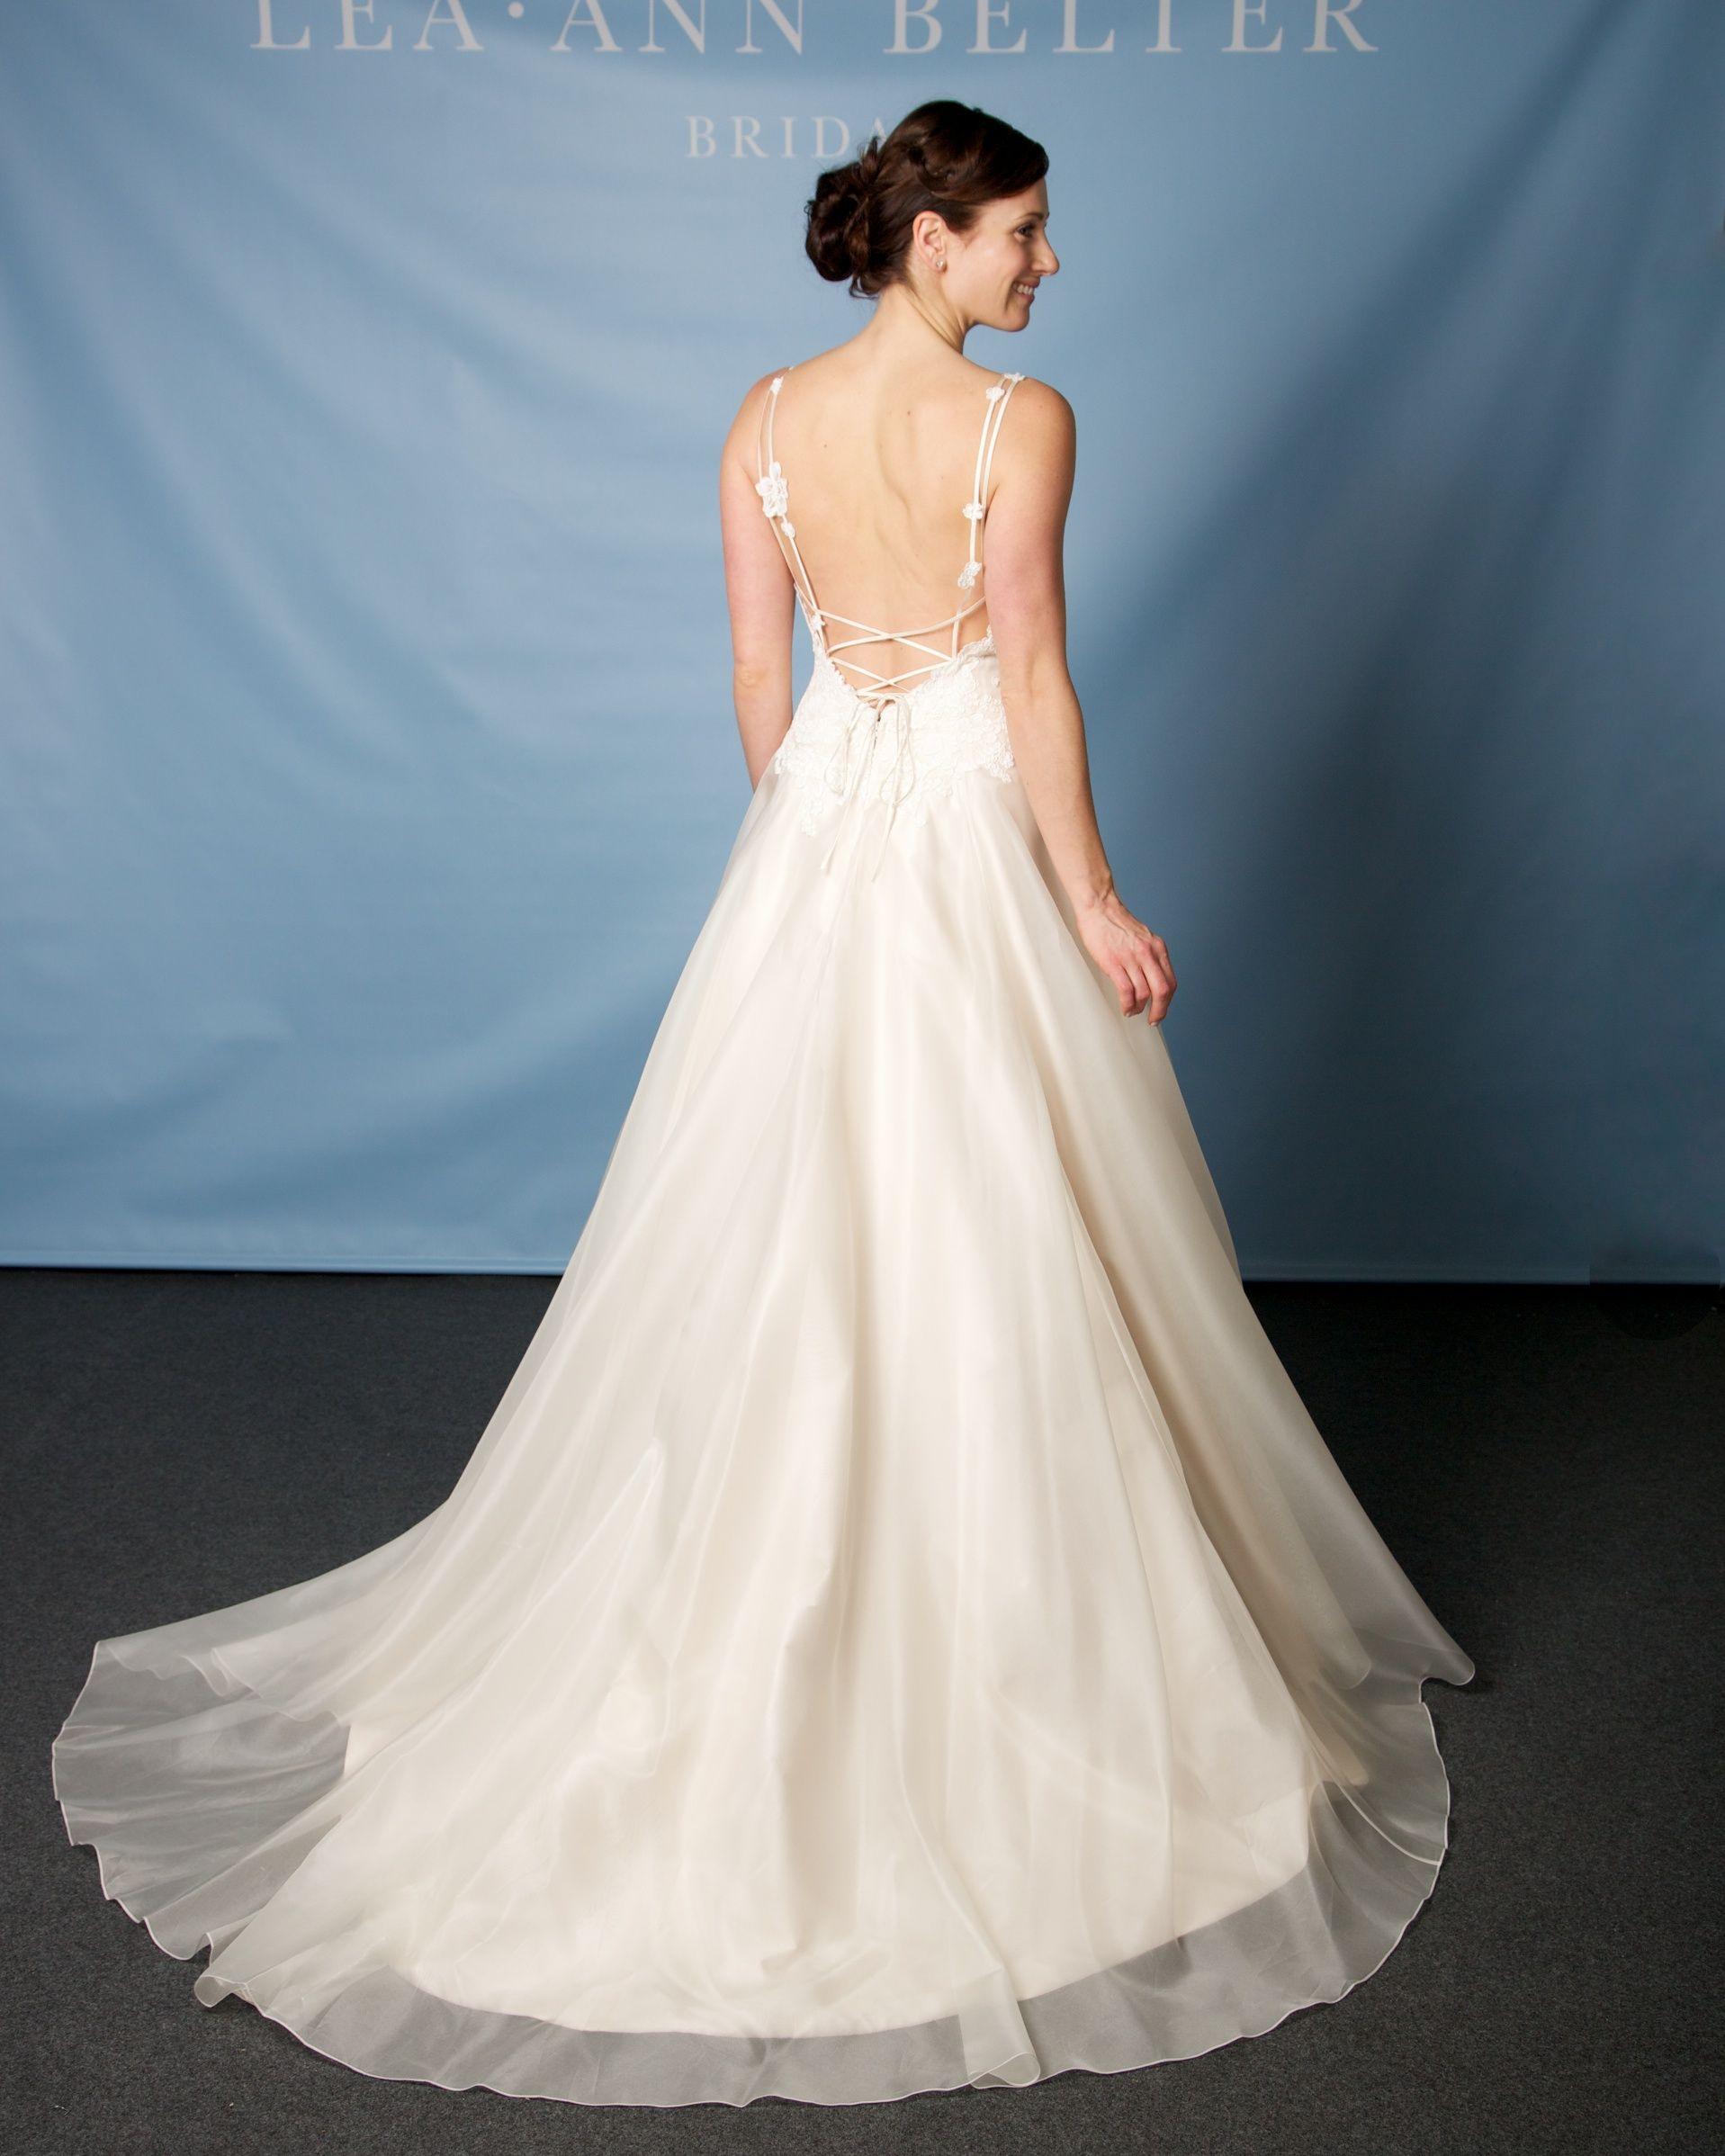 lea ann belter scarlett dress - Google Search | Felice Bridal\'s ...